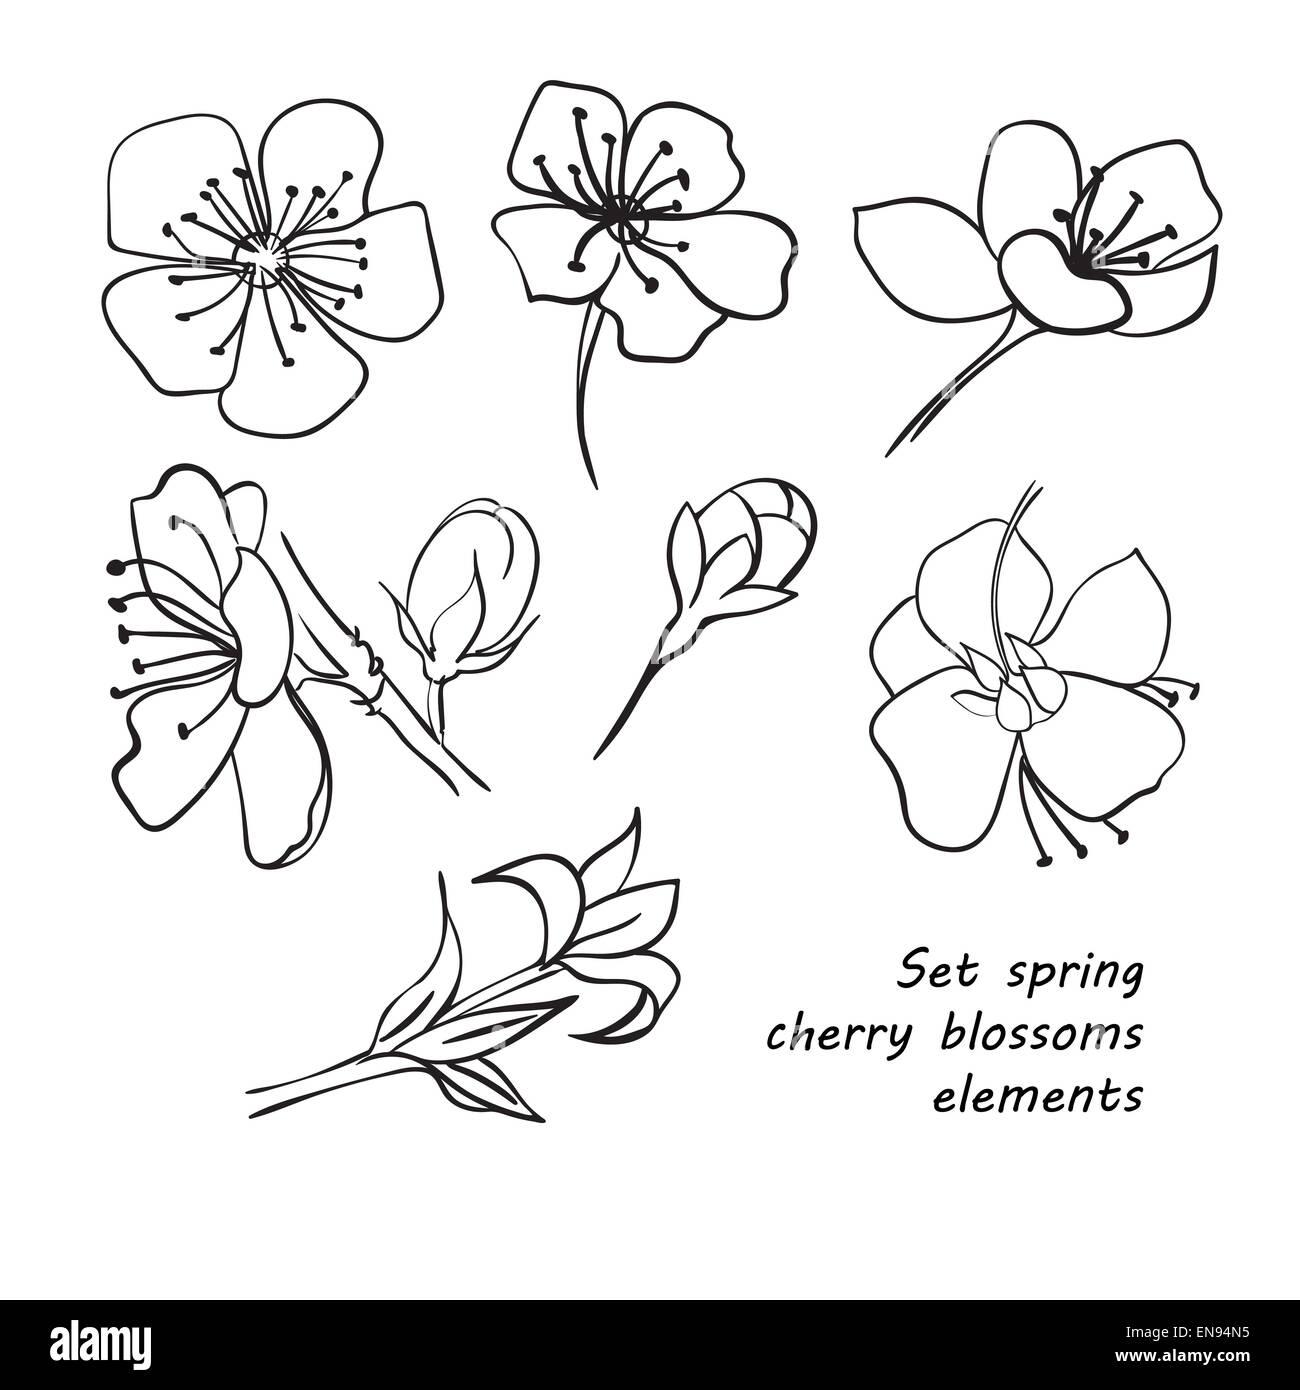 Conjunto De Flores De Cerezo En Flor De Primavera Dibujo A Mano